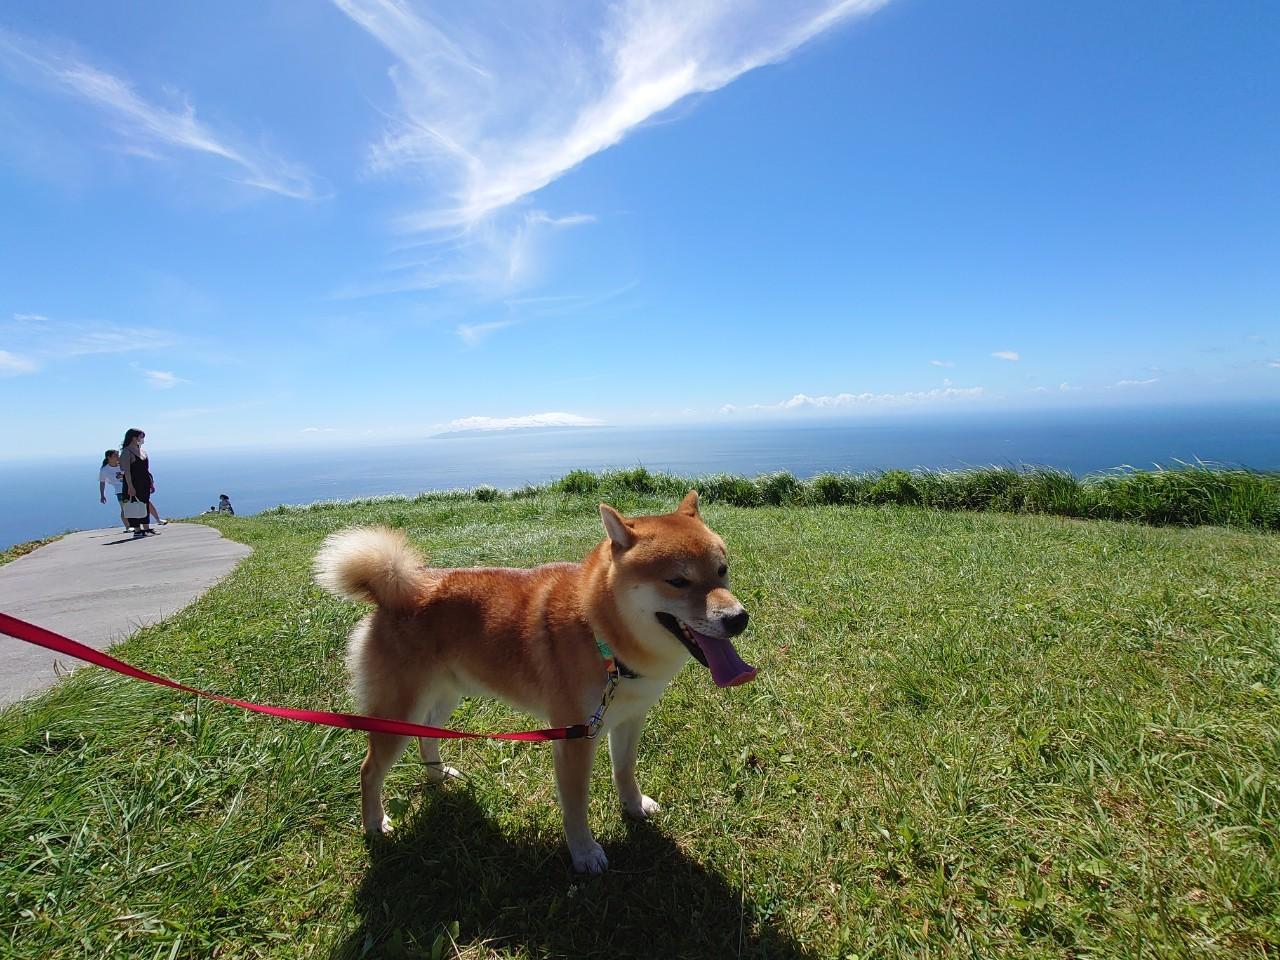 ワンちゃんと行く伊豆半島 ~ リフトで登って楽しむ、絶景ビューの『大室山(おおむろやま)』